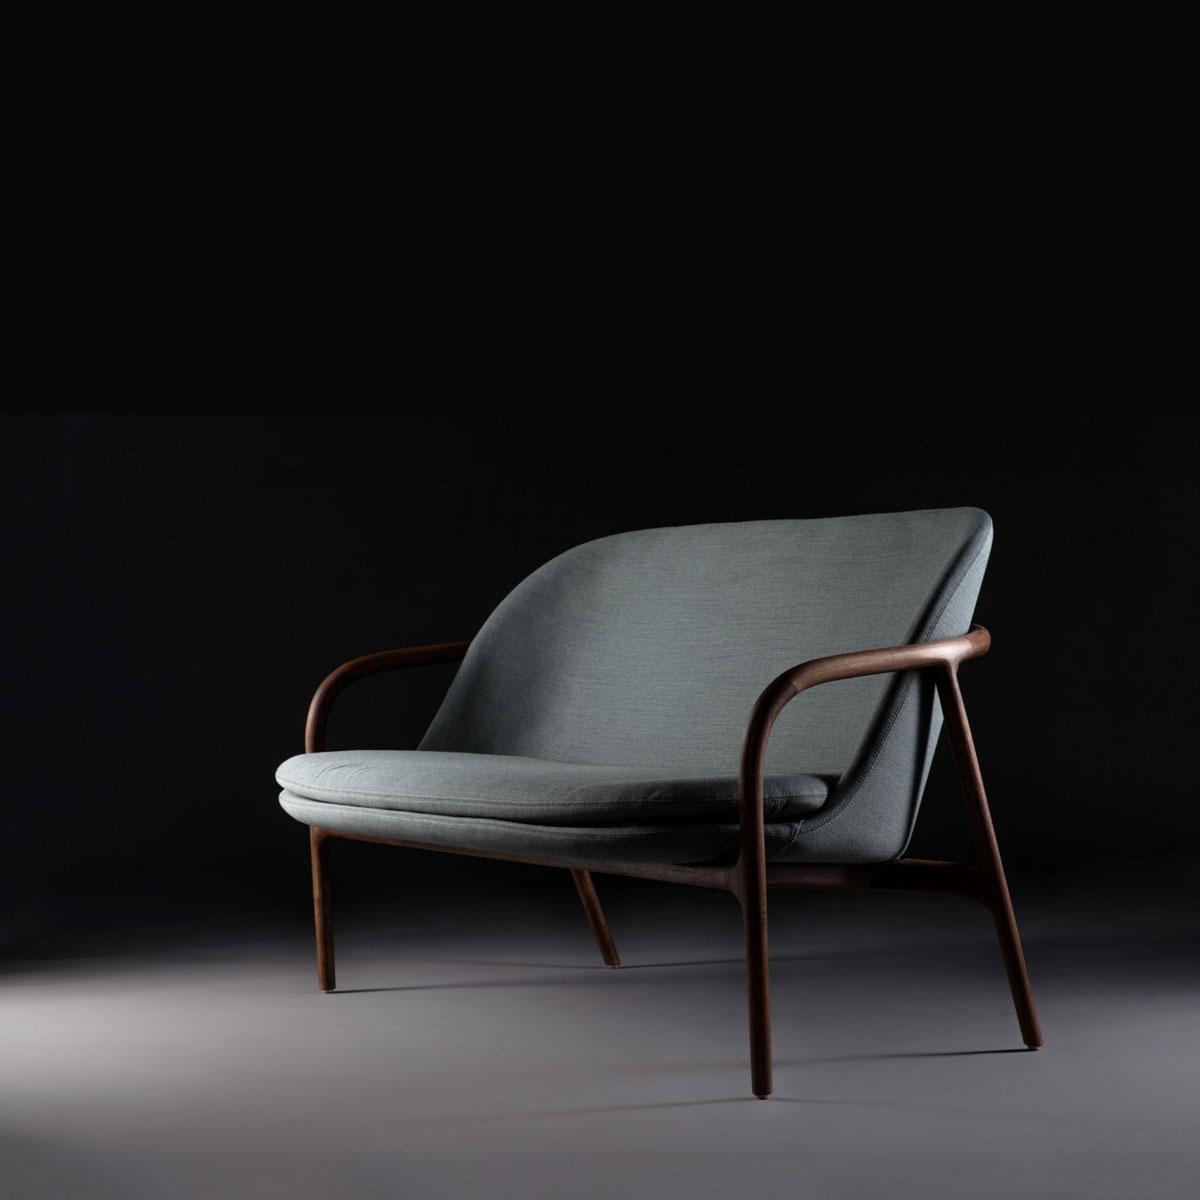 Sofa Neva Bajo, en madera y asiento de tapicería, con diseño moderno y excelentes acabados, realizado de forma artesana de Bosnia